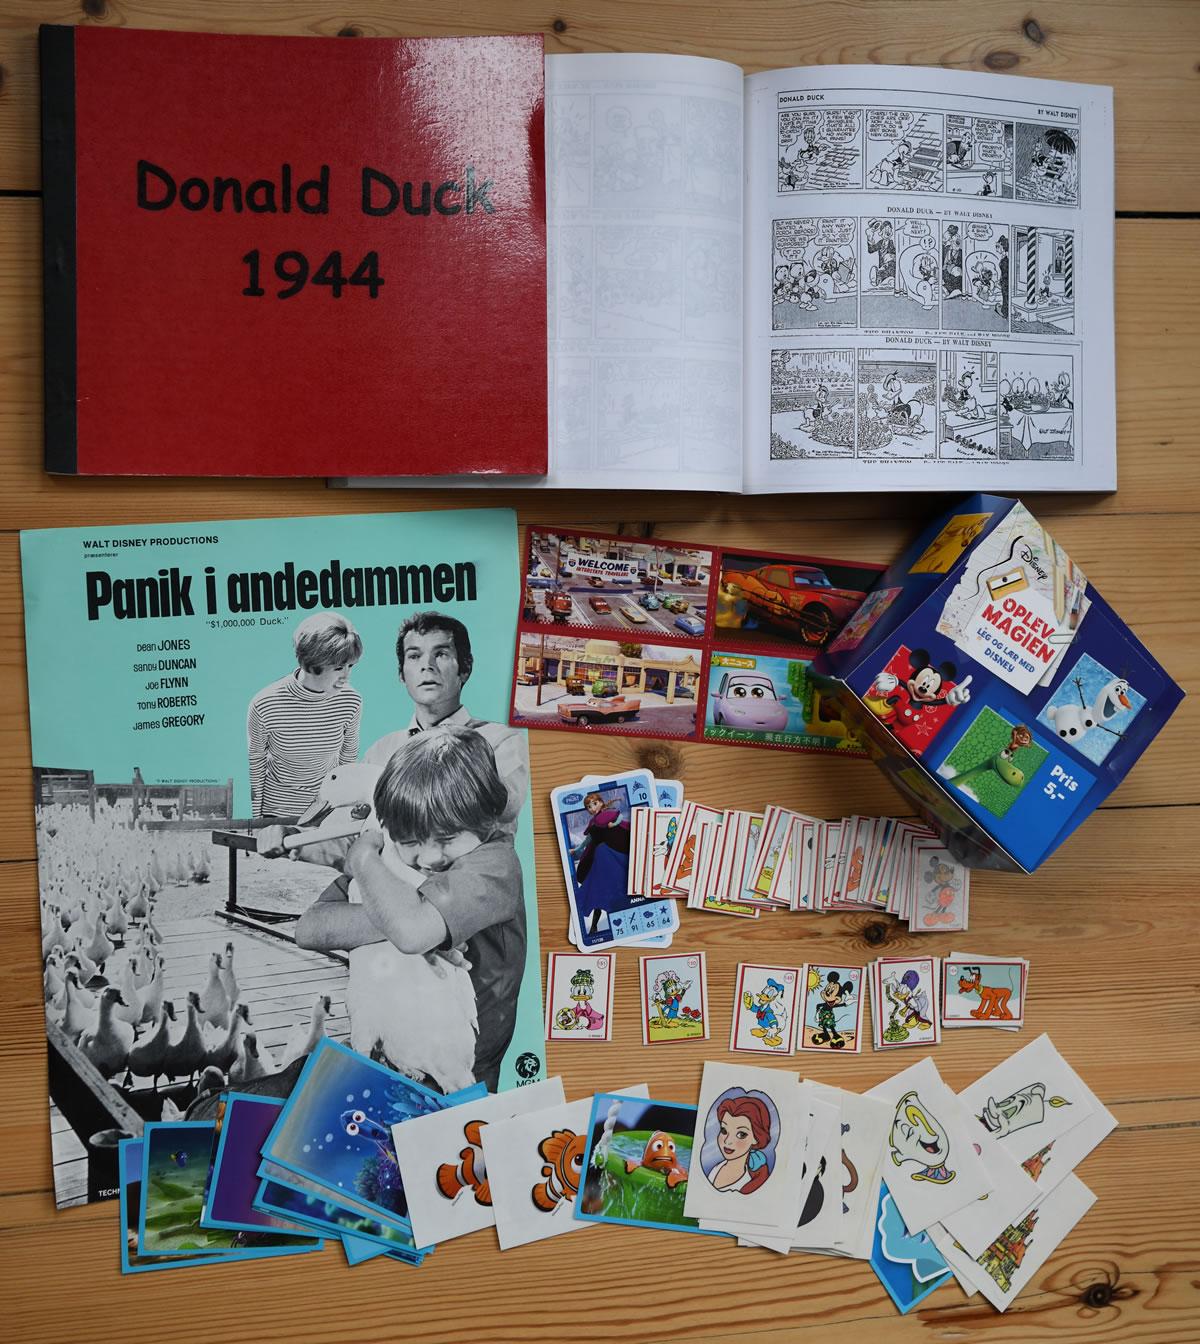 http://donaldduck.dk/images/wd_samling4.jpg